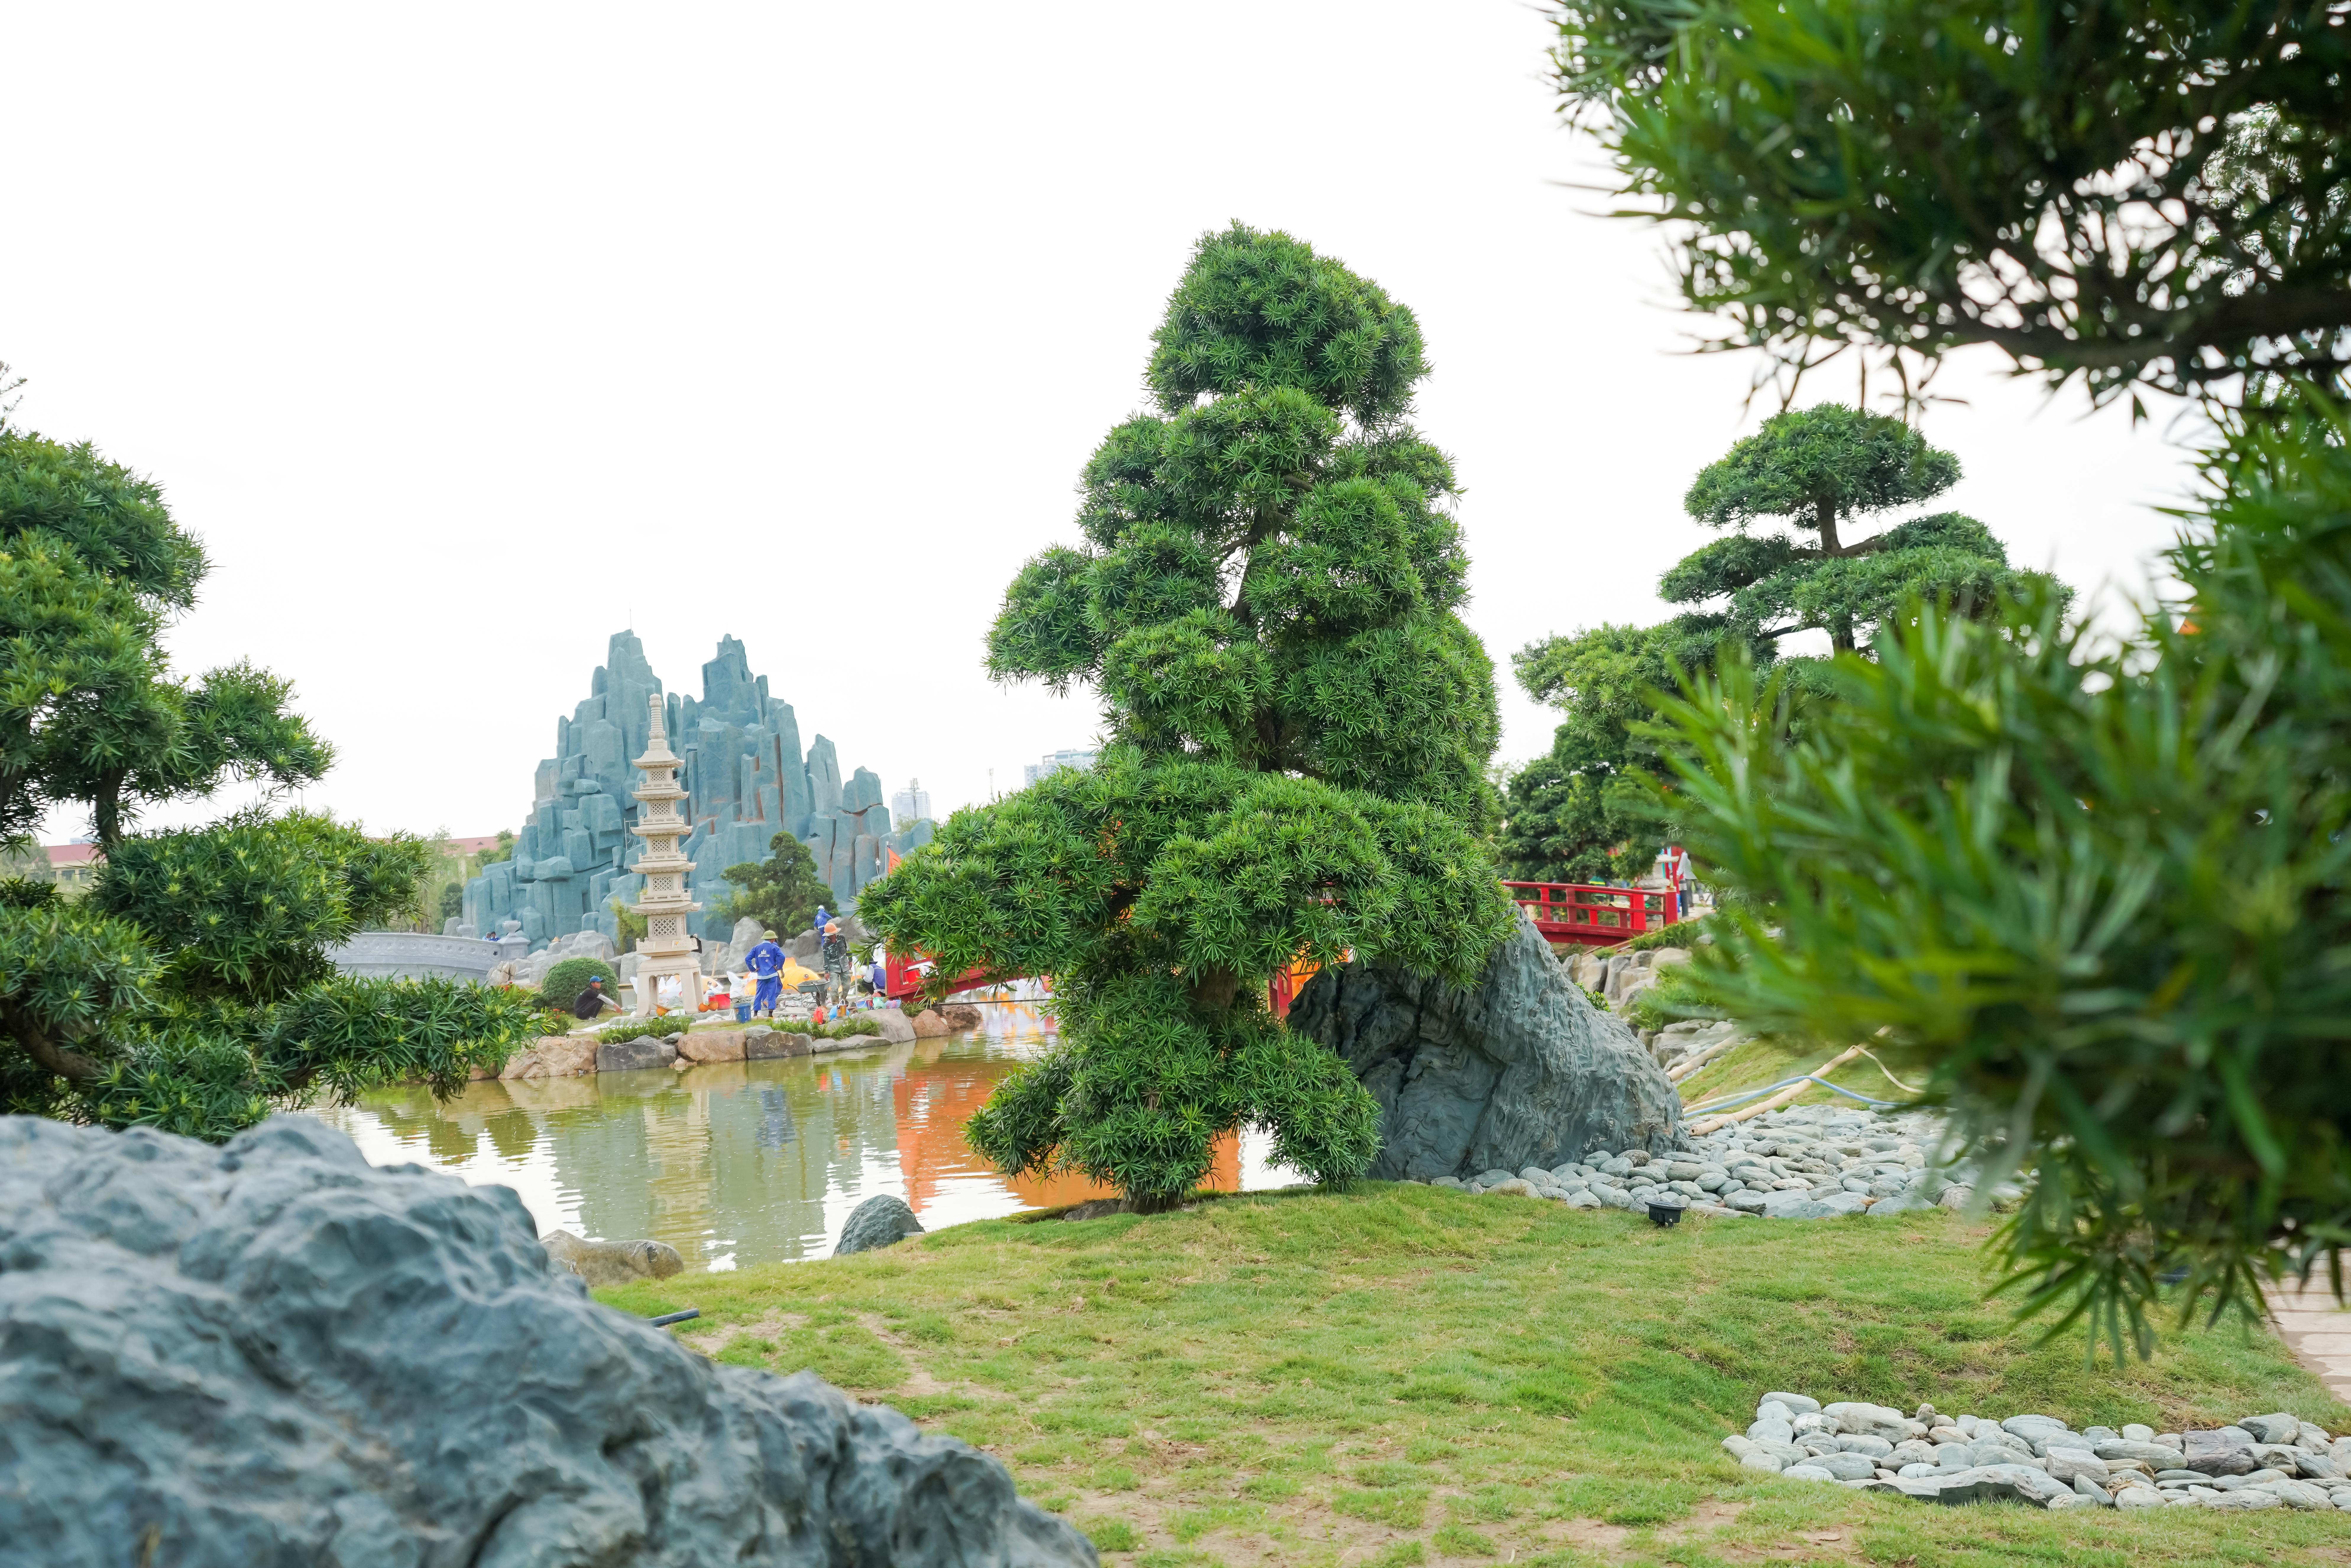 Chiêm nghưỡng khu Vườn Nhật hơn 6ha tại Vinhomes Smart City 1